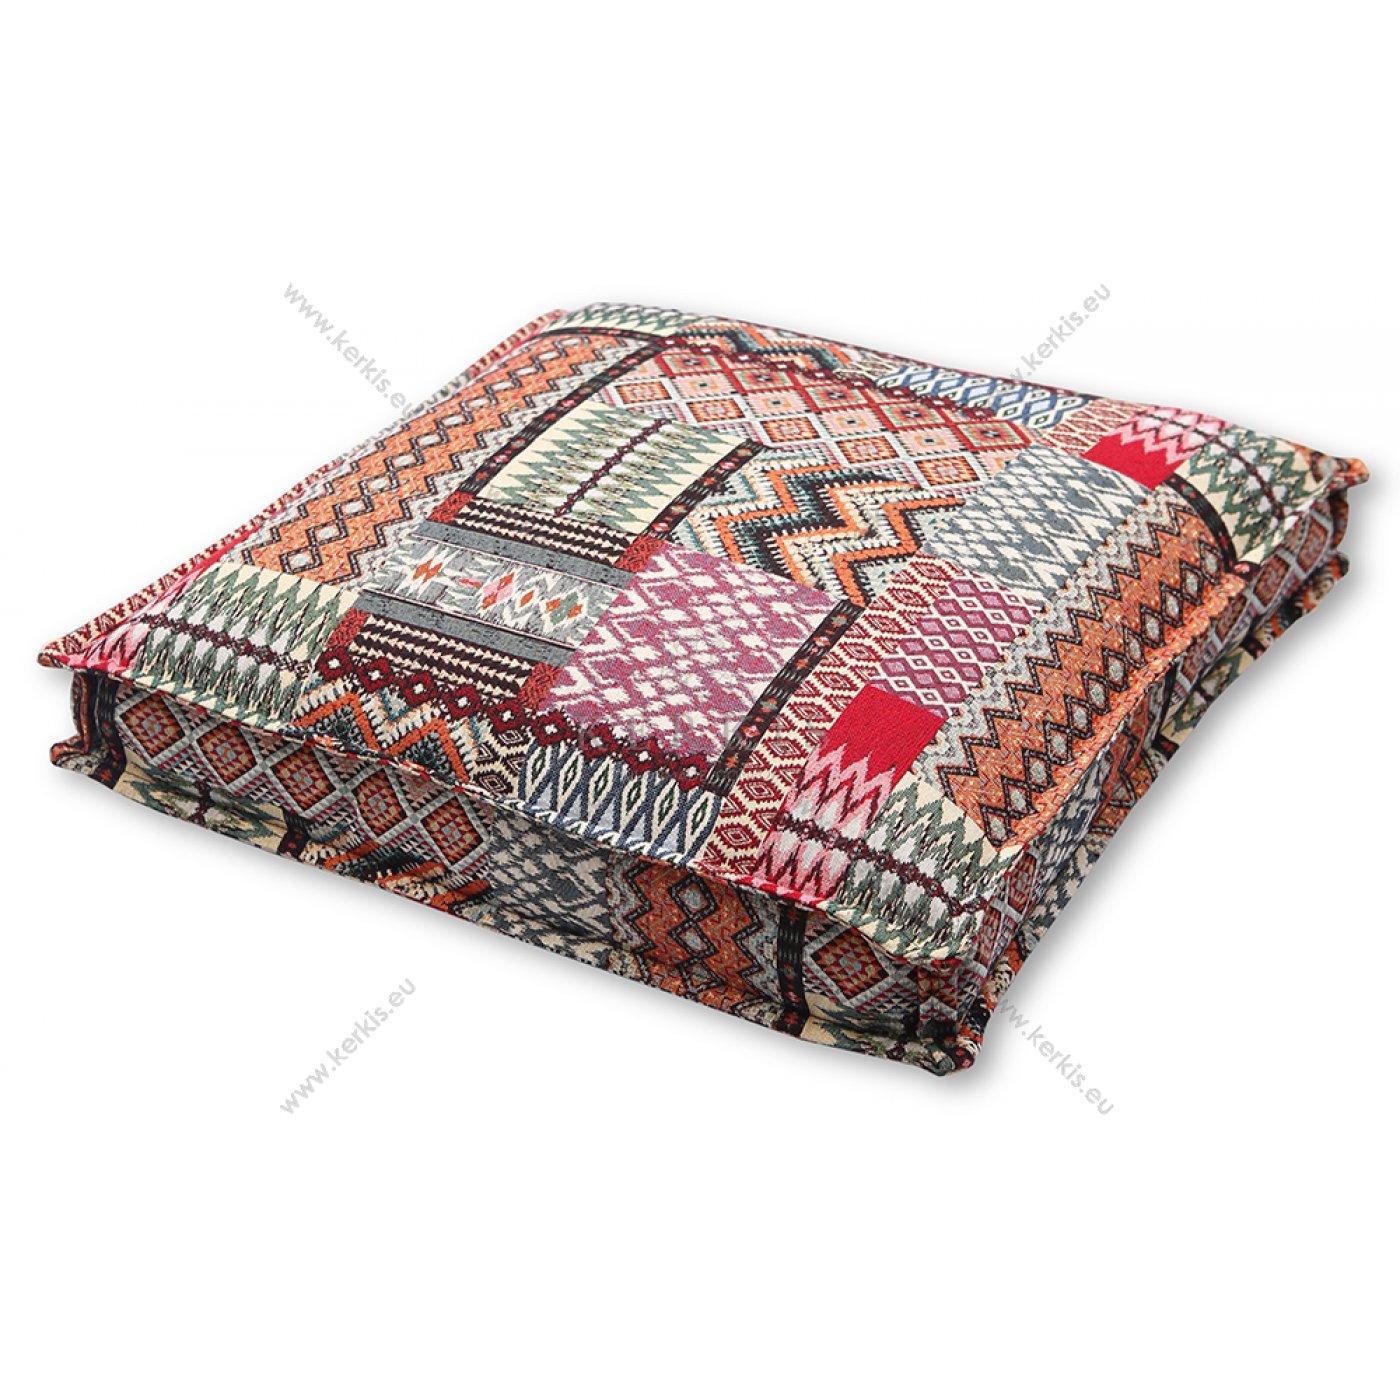 Μαξιλάρα δαπέδου patchwork